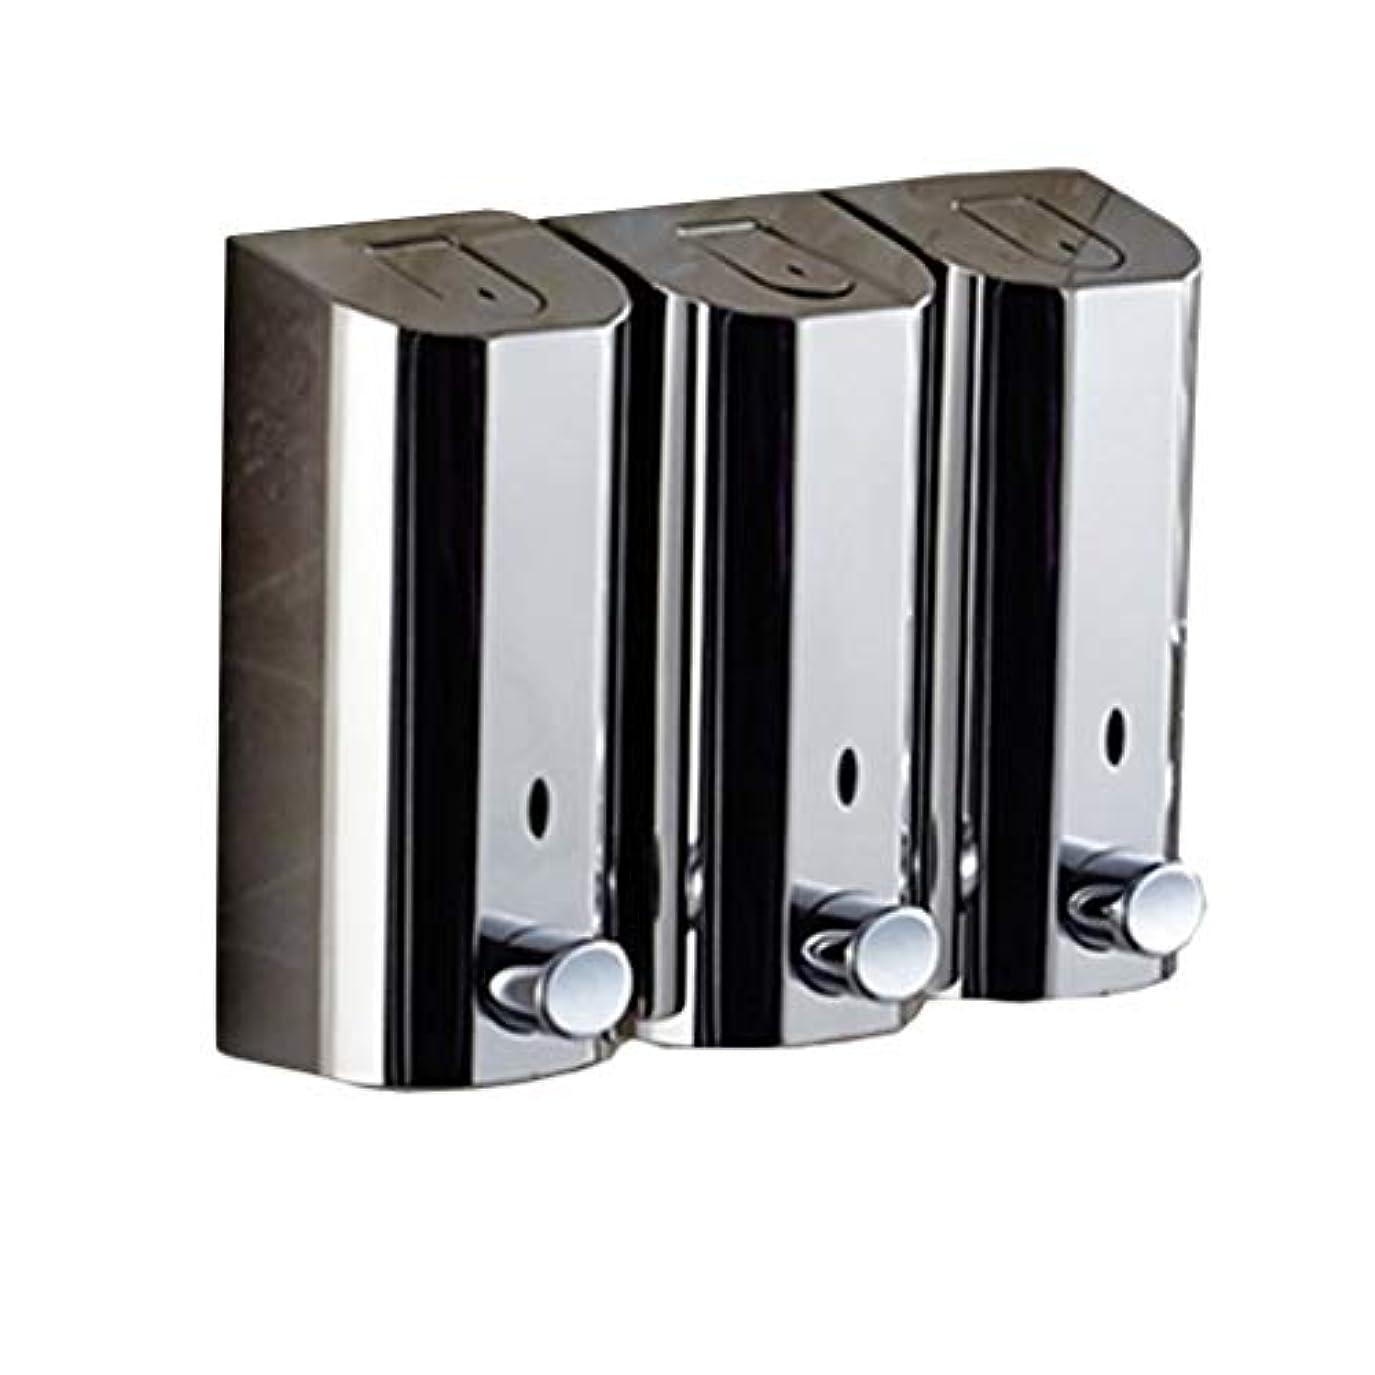 フリル根絶するマットKylinssh タッチレスソープディスペンサー、500 ml * 3自動液体ディスペンサー、防水、漏れ防止、タッチレスソープディスペンサー、キッチン、バスルーム